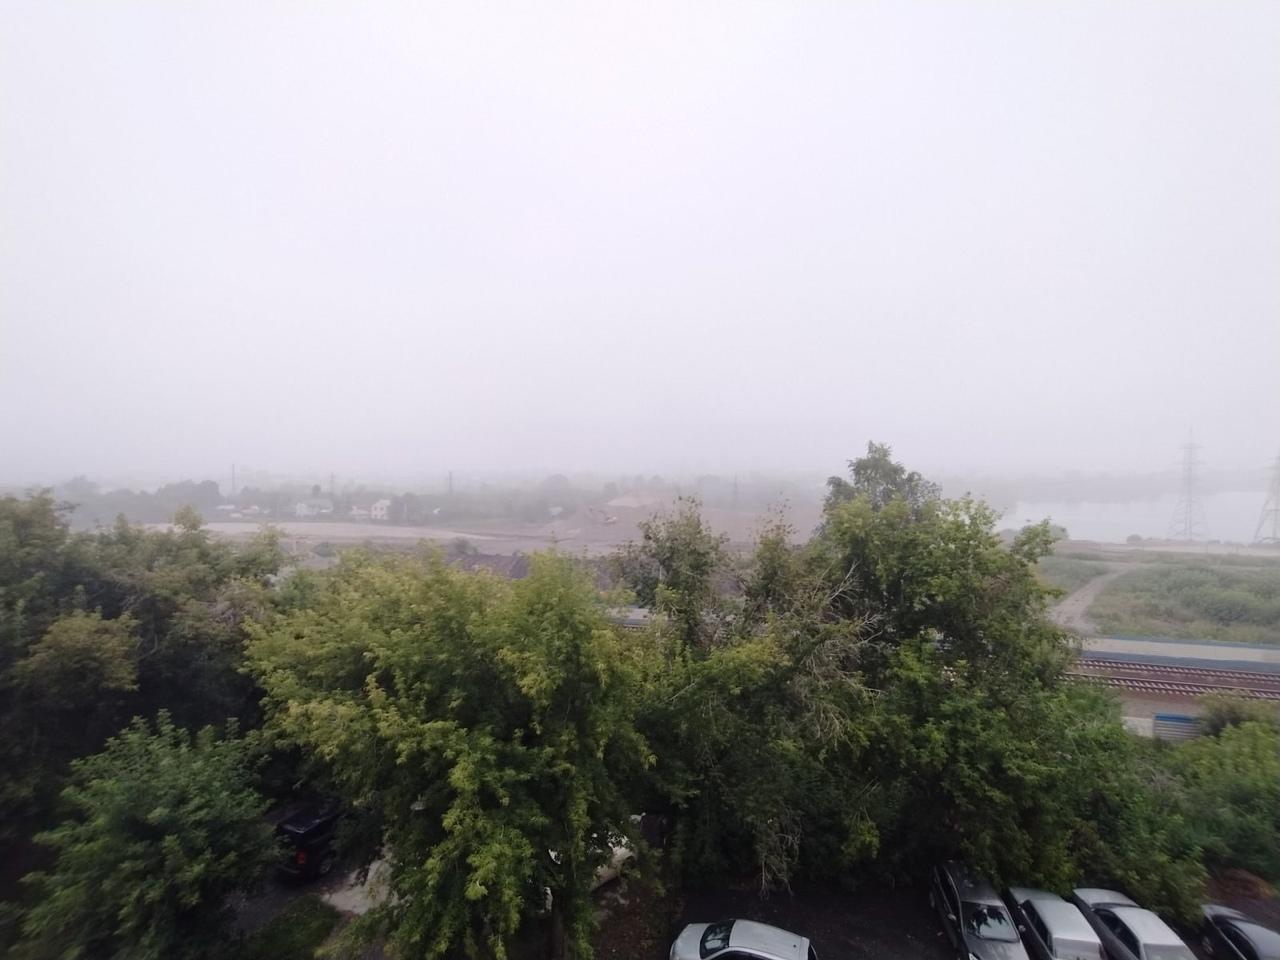 Фото «Таинственный туман или смог?»: повышенный уровень загрязнения воздуха зафиксирован в Новосибирске 3